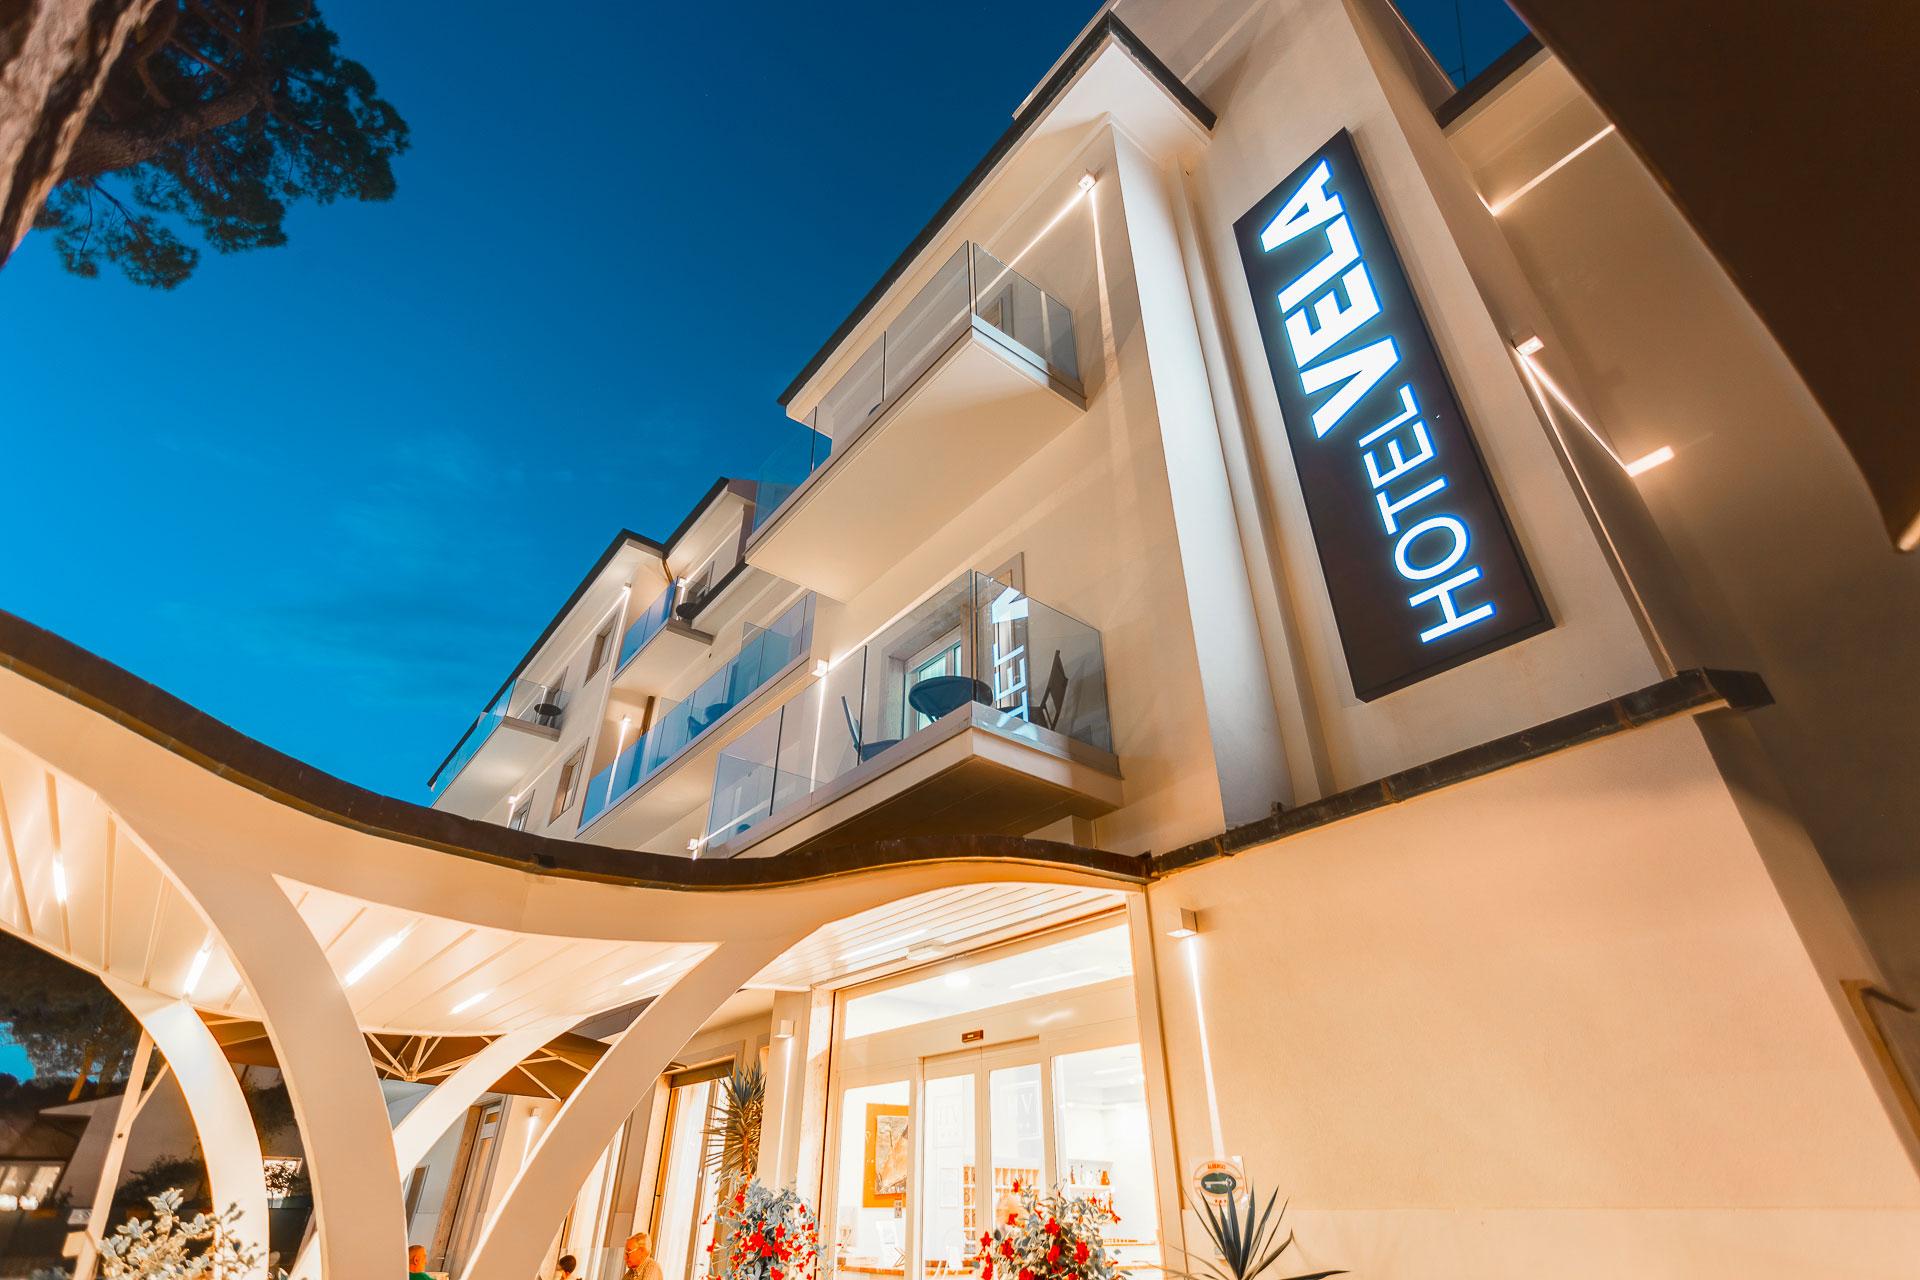 Hotel con piscina in centro a milano marittima hotel vela - Hotel con piscina coperta milano marittima ...